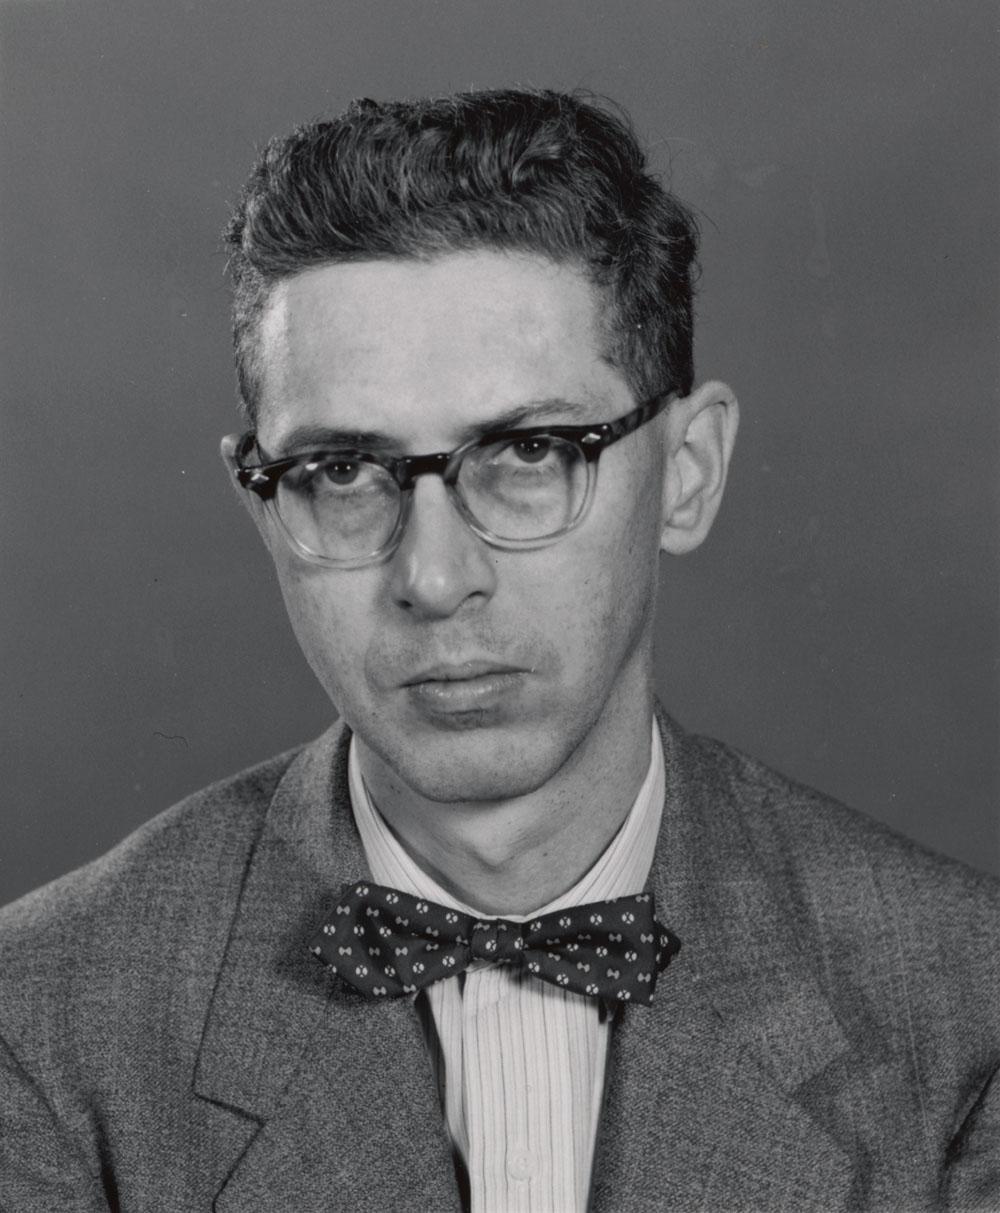 Portrait of Dr. John A. Hopps